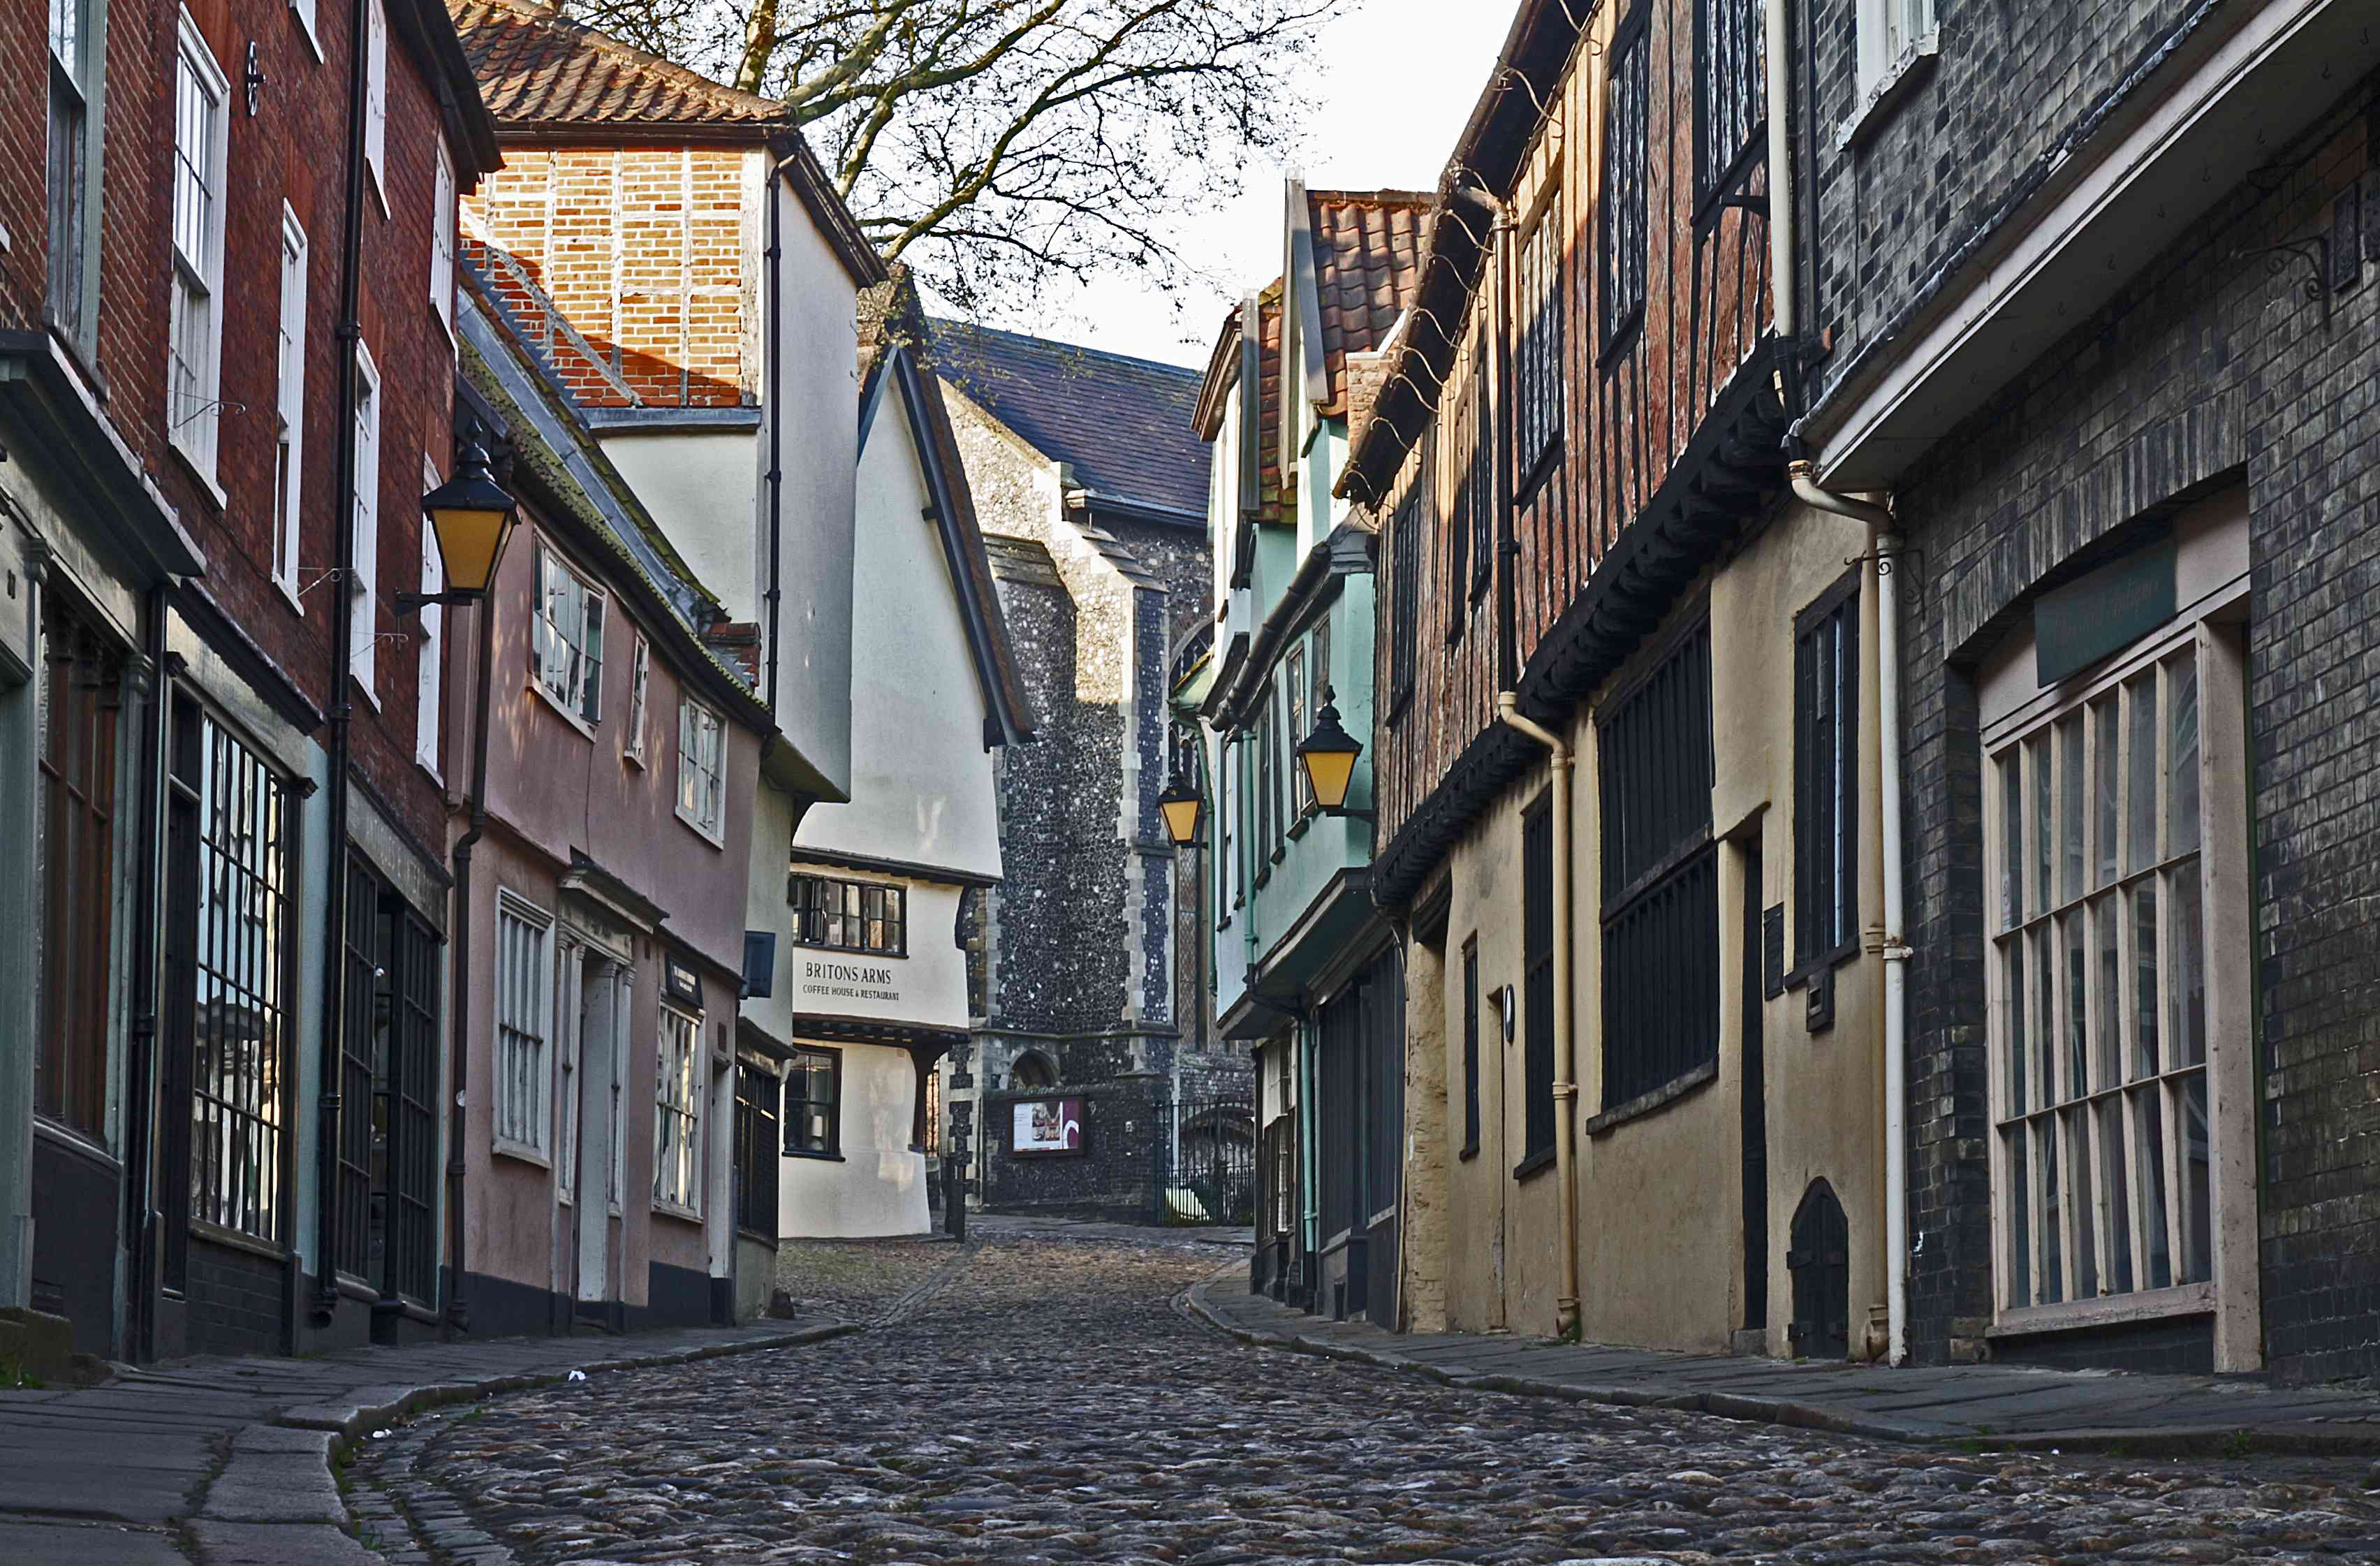 Elm Hill Street in Norwich, England